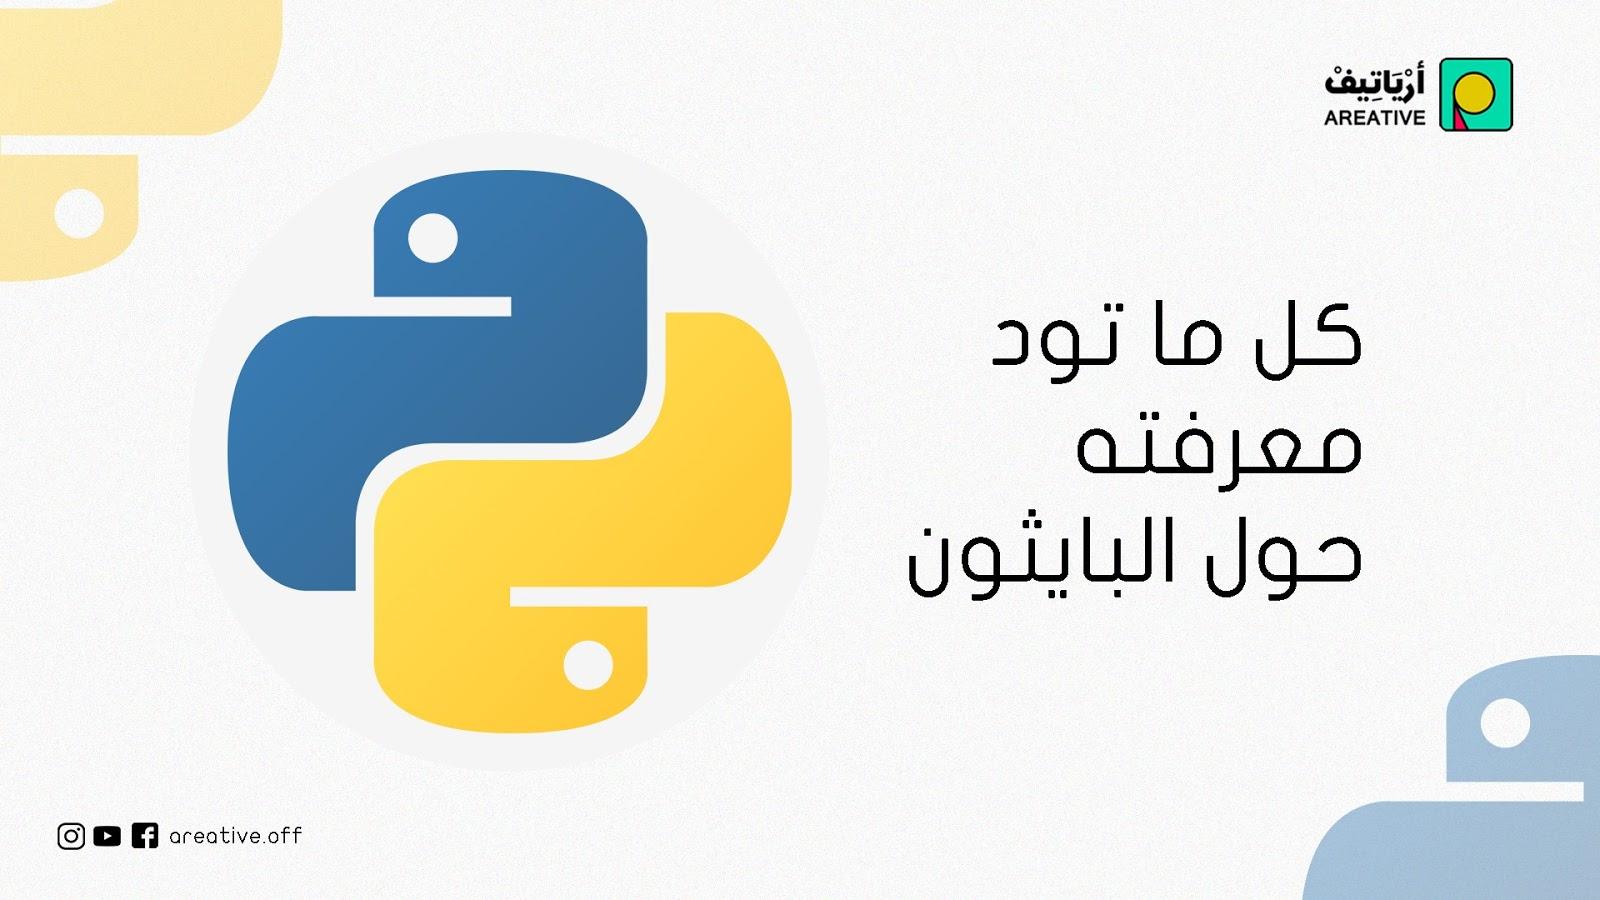 البايثون : كل ما تود معرفته حول لغة البايثون ( Python )